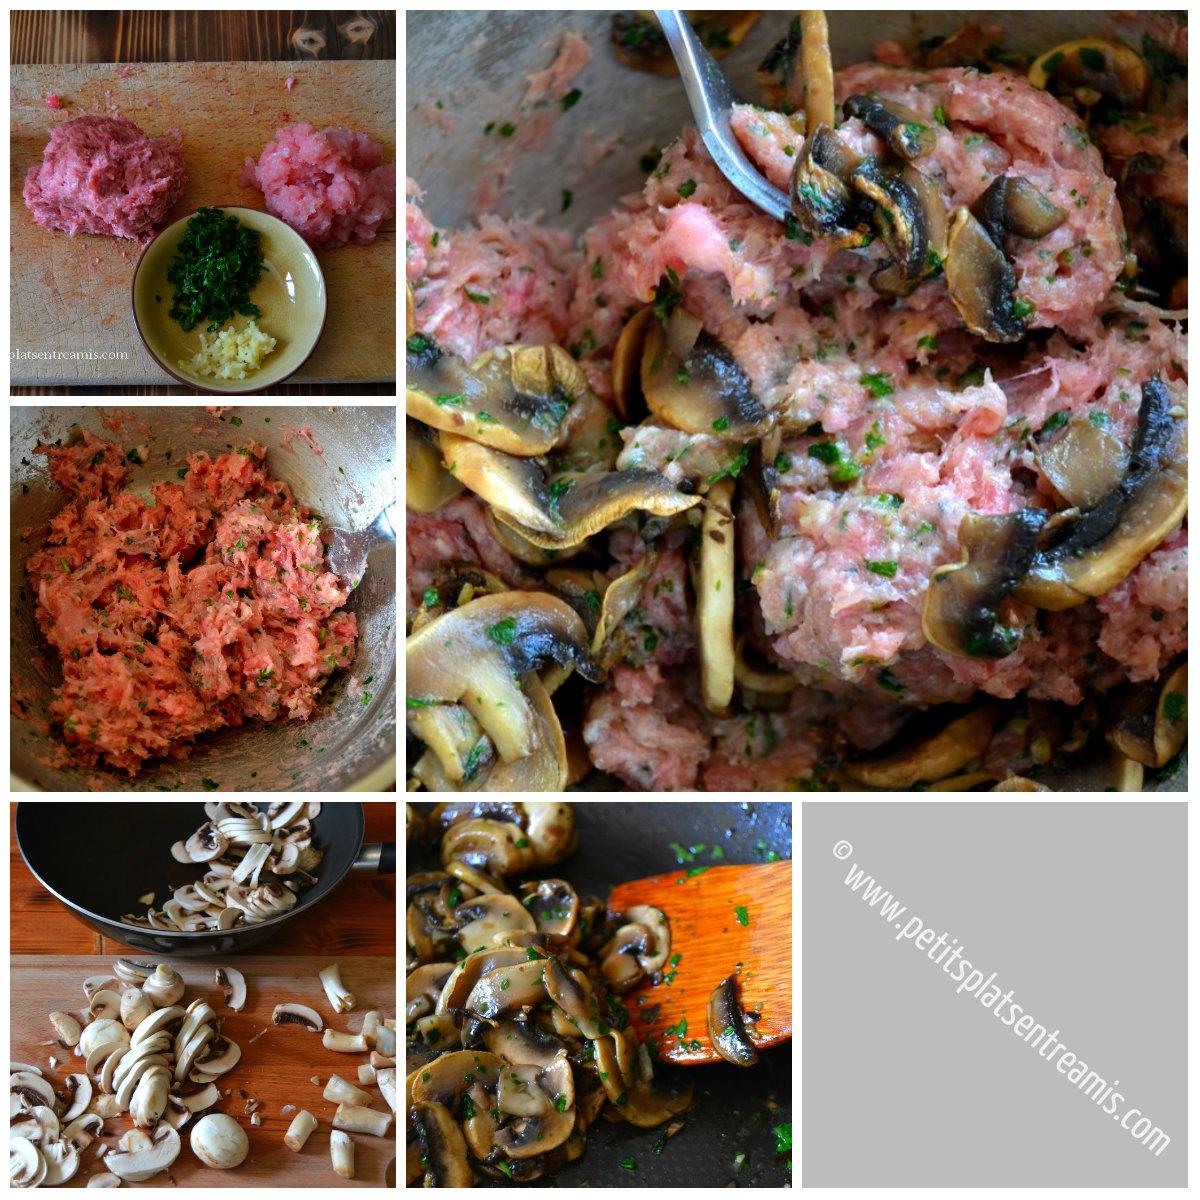 préparation farce pour cuisse de dinde farcie